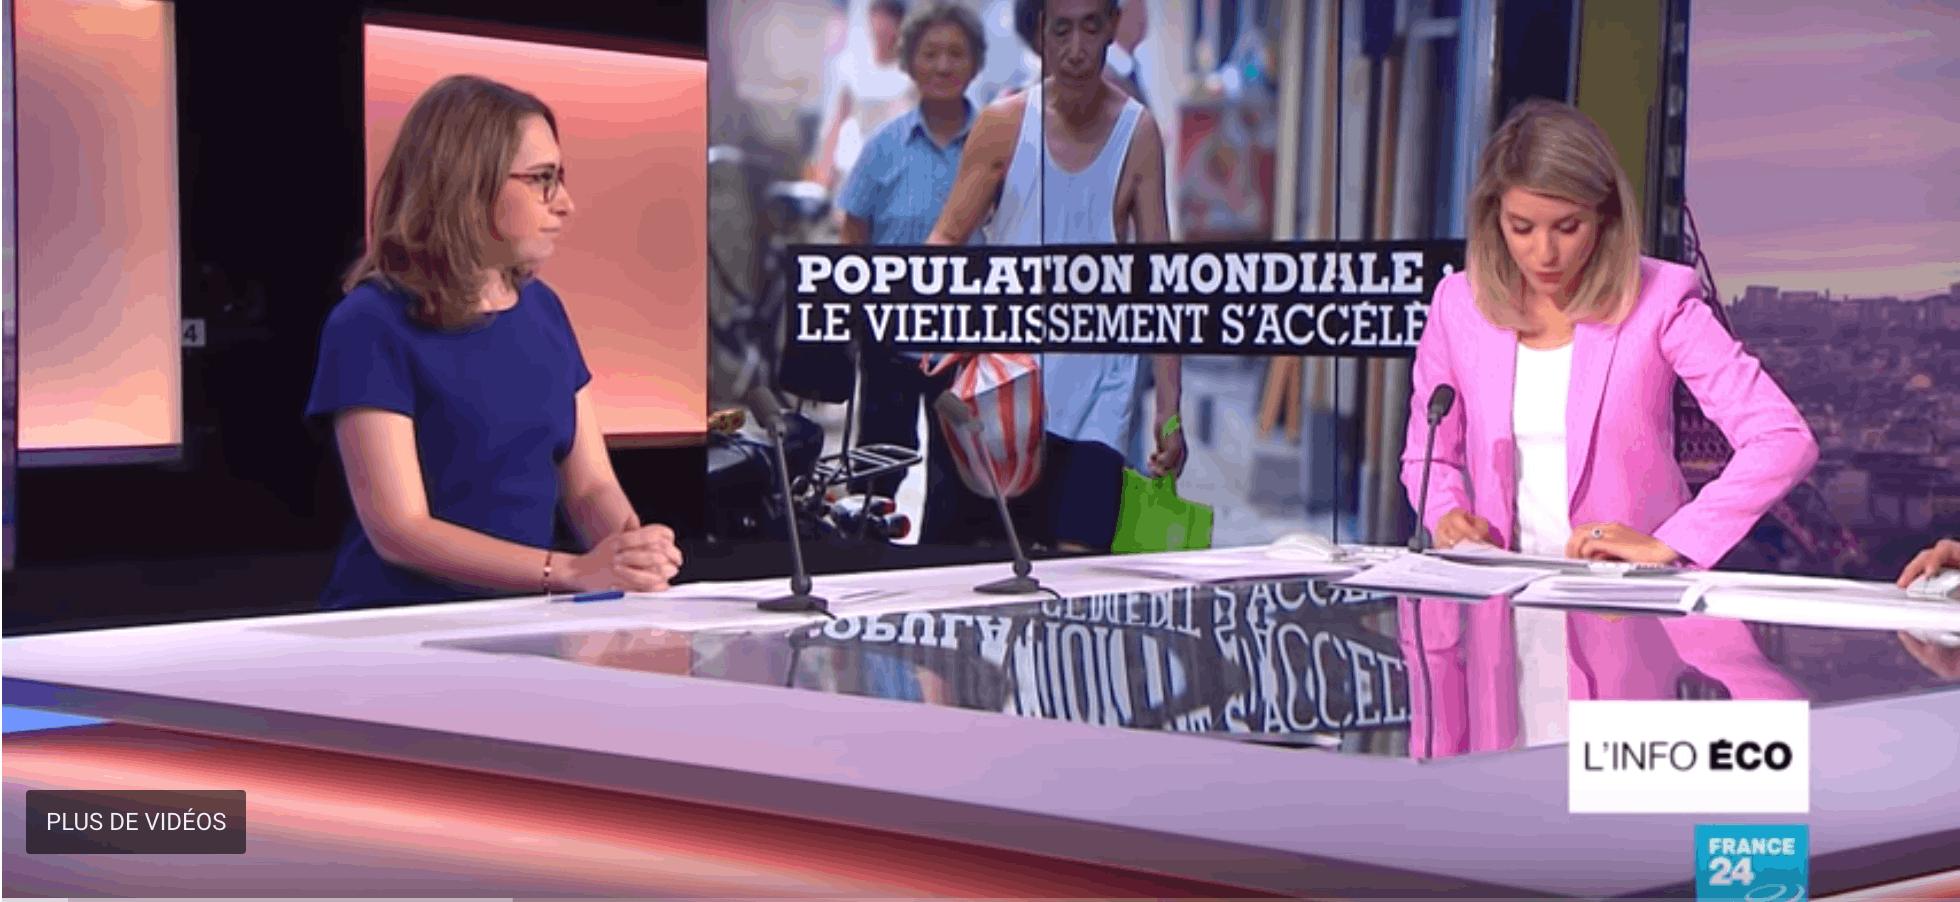 « Population mondiale : le vieillissement s'accélère », émission L'info éco sur France 24, présentée par Line Rifai, chroniqueuse économie, diffusée le 18 septembre 2018.